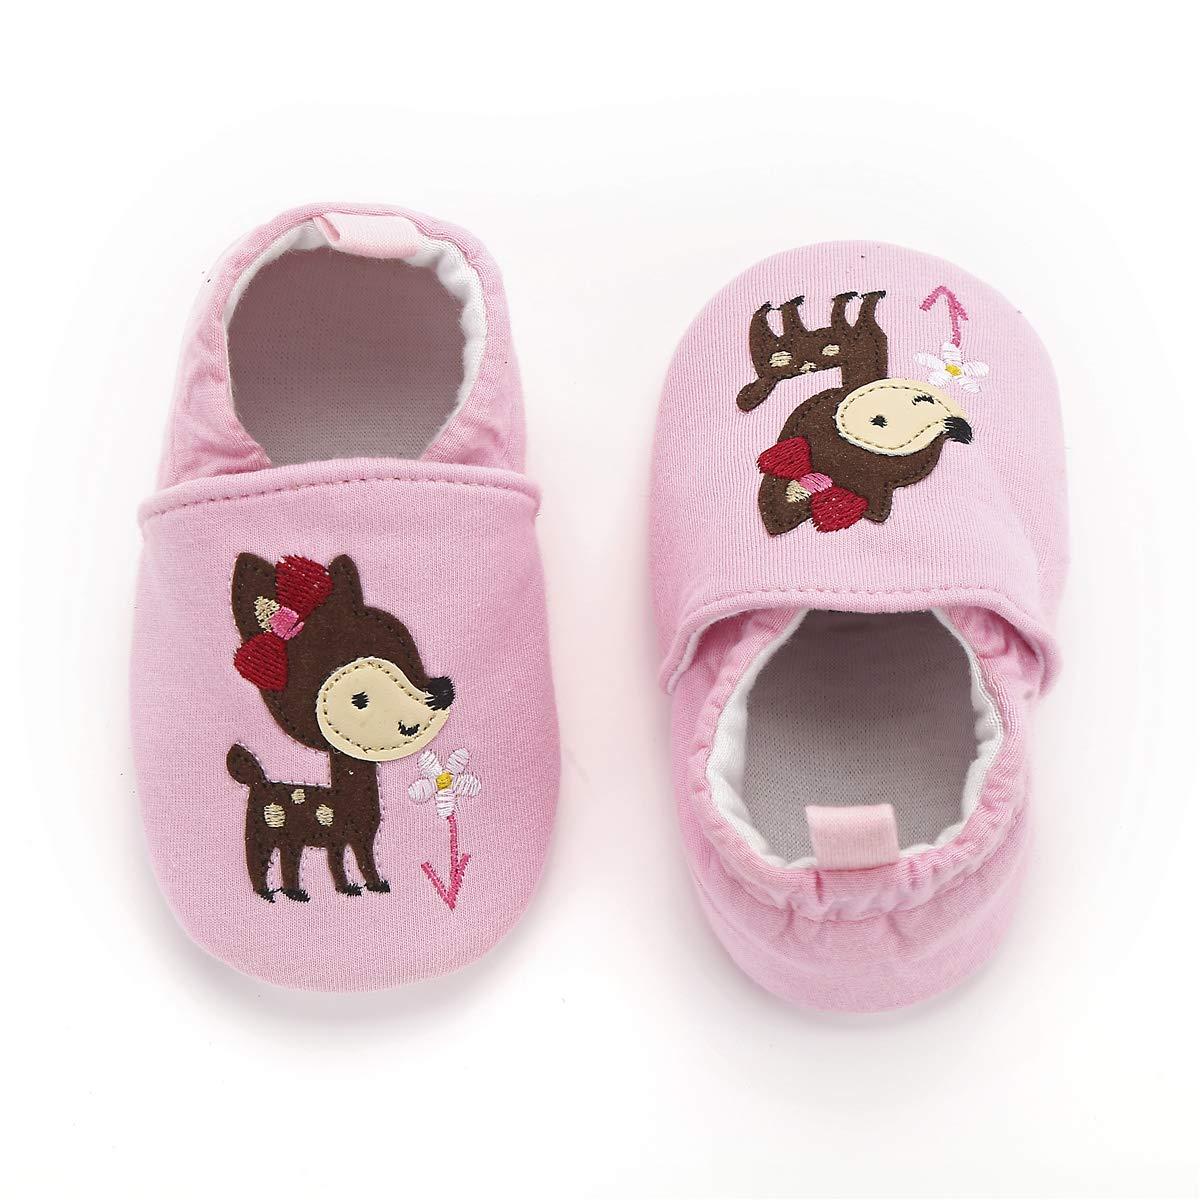 Fox First Walker Cloth Baby Shoes Toddler Mocassins Infant Prewalker for Girl Boy